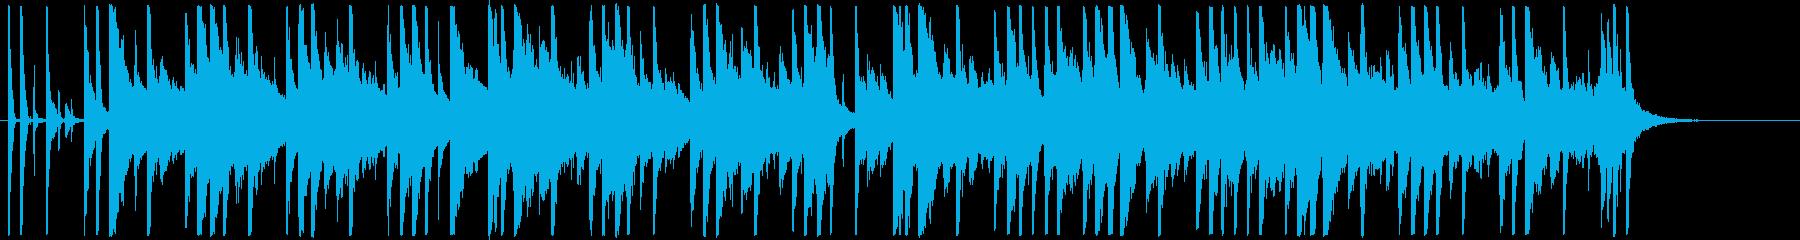 平和/大団円/バラード/ED/綺麗/ベルの再生済みの波形